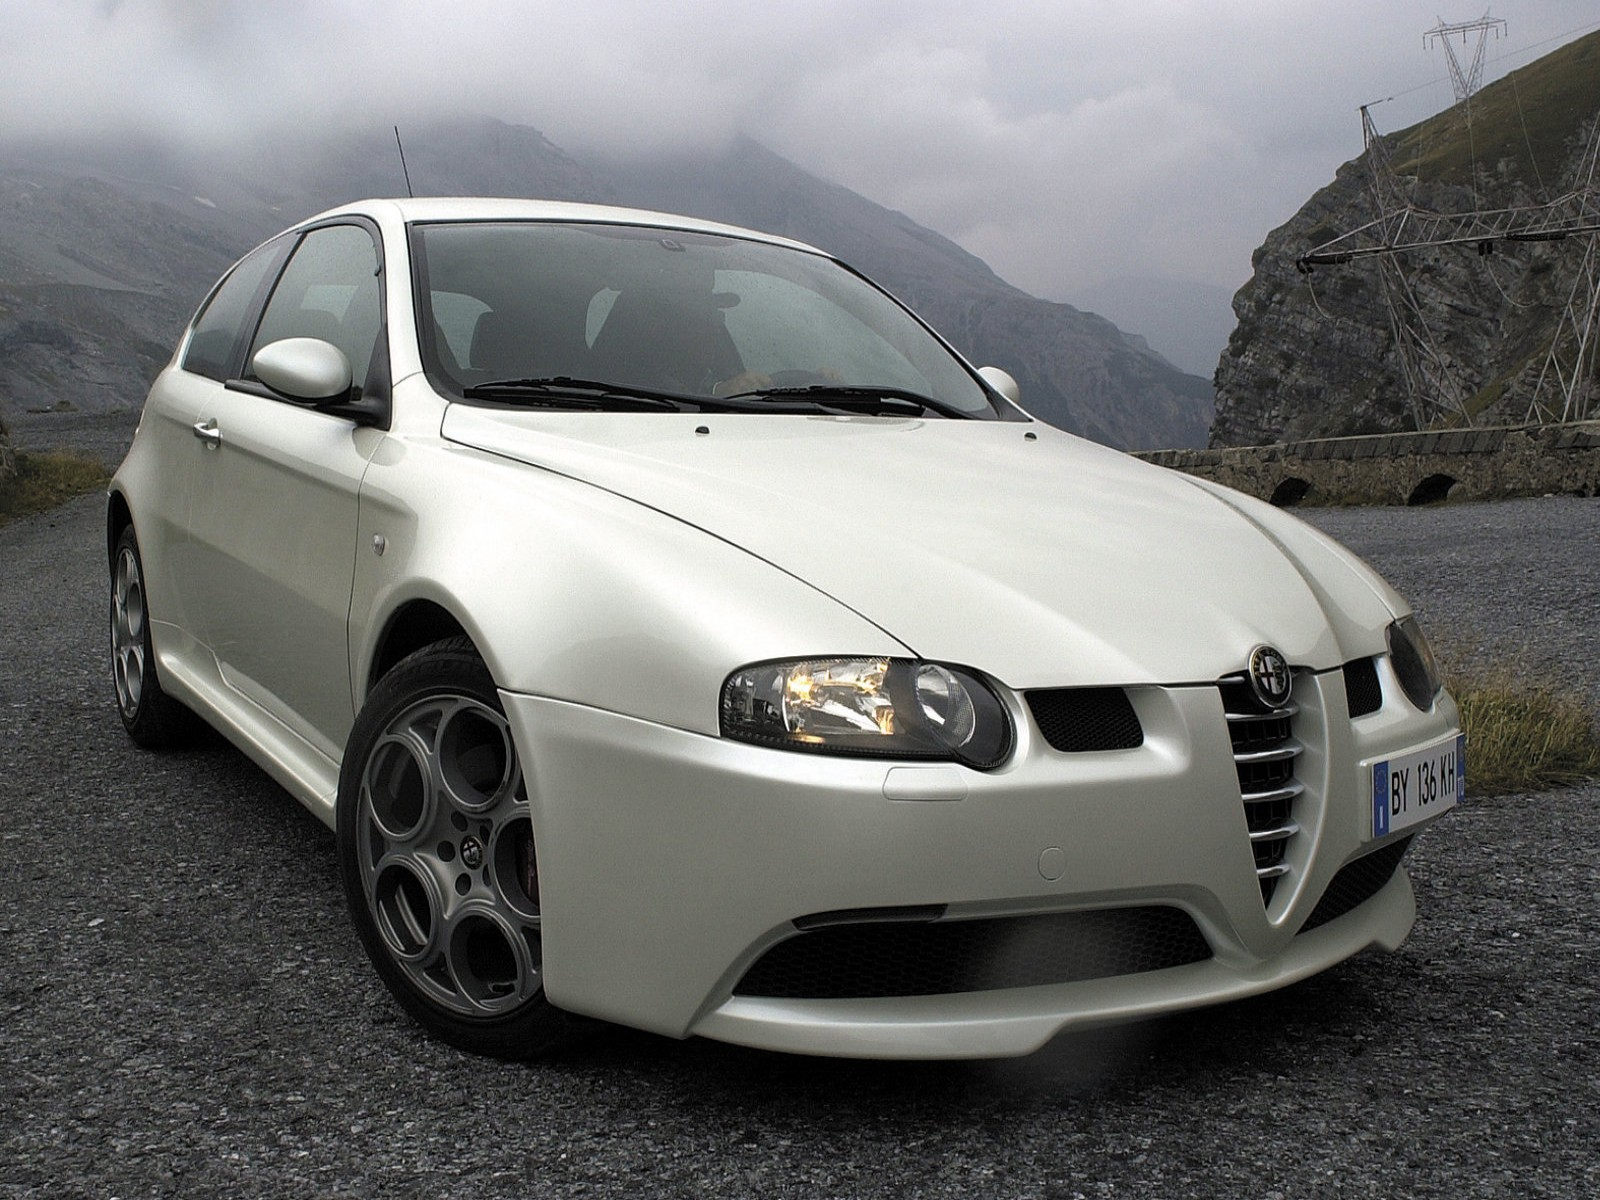 http://2.bp.blogspot.com/-DDZhoZOQ4Fc/TkFueKikIEI/AAAAAAAADzo/mEZpfxswwls/s1600/Alfa+Romeo+147+GTA+2002+05.jpg